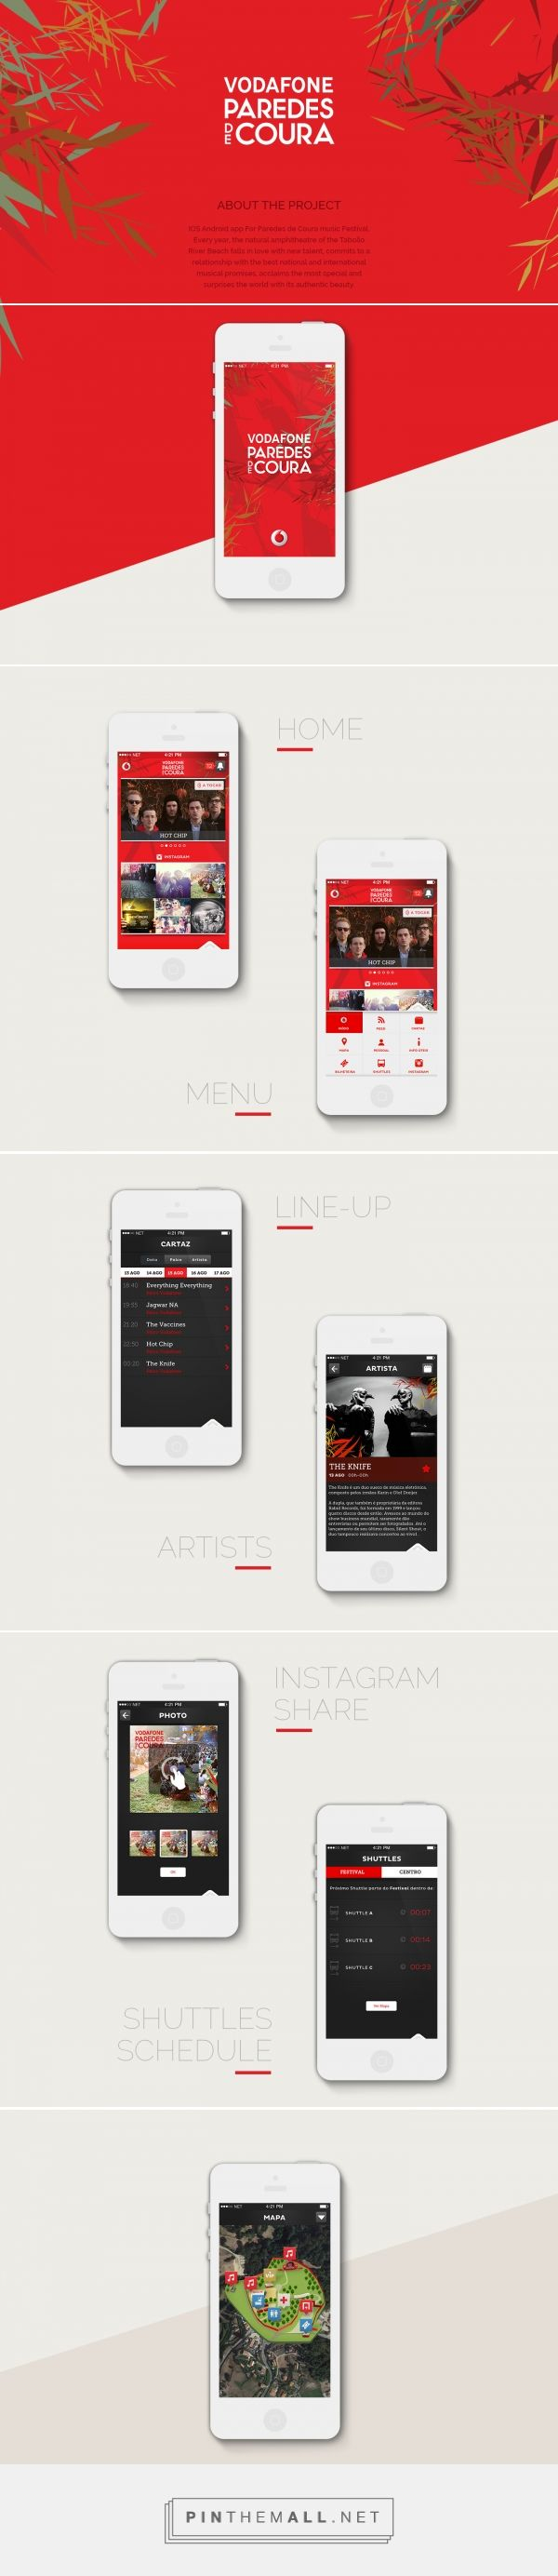 Vodafone Paredes de Coura App